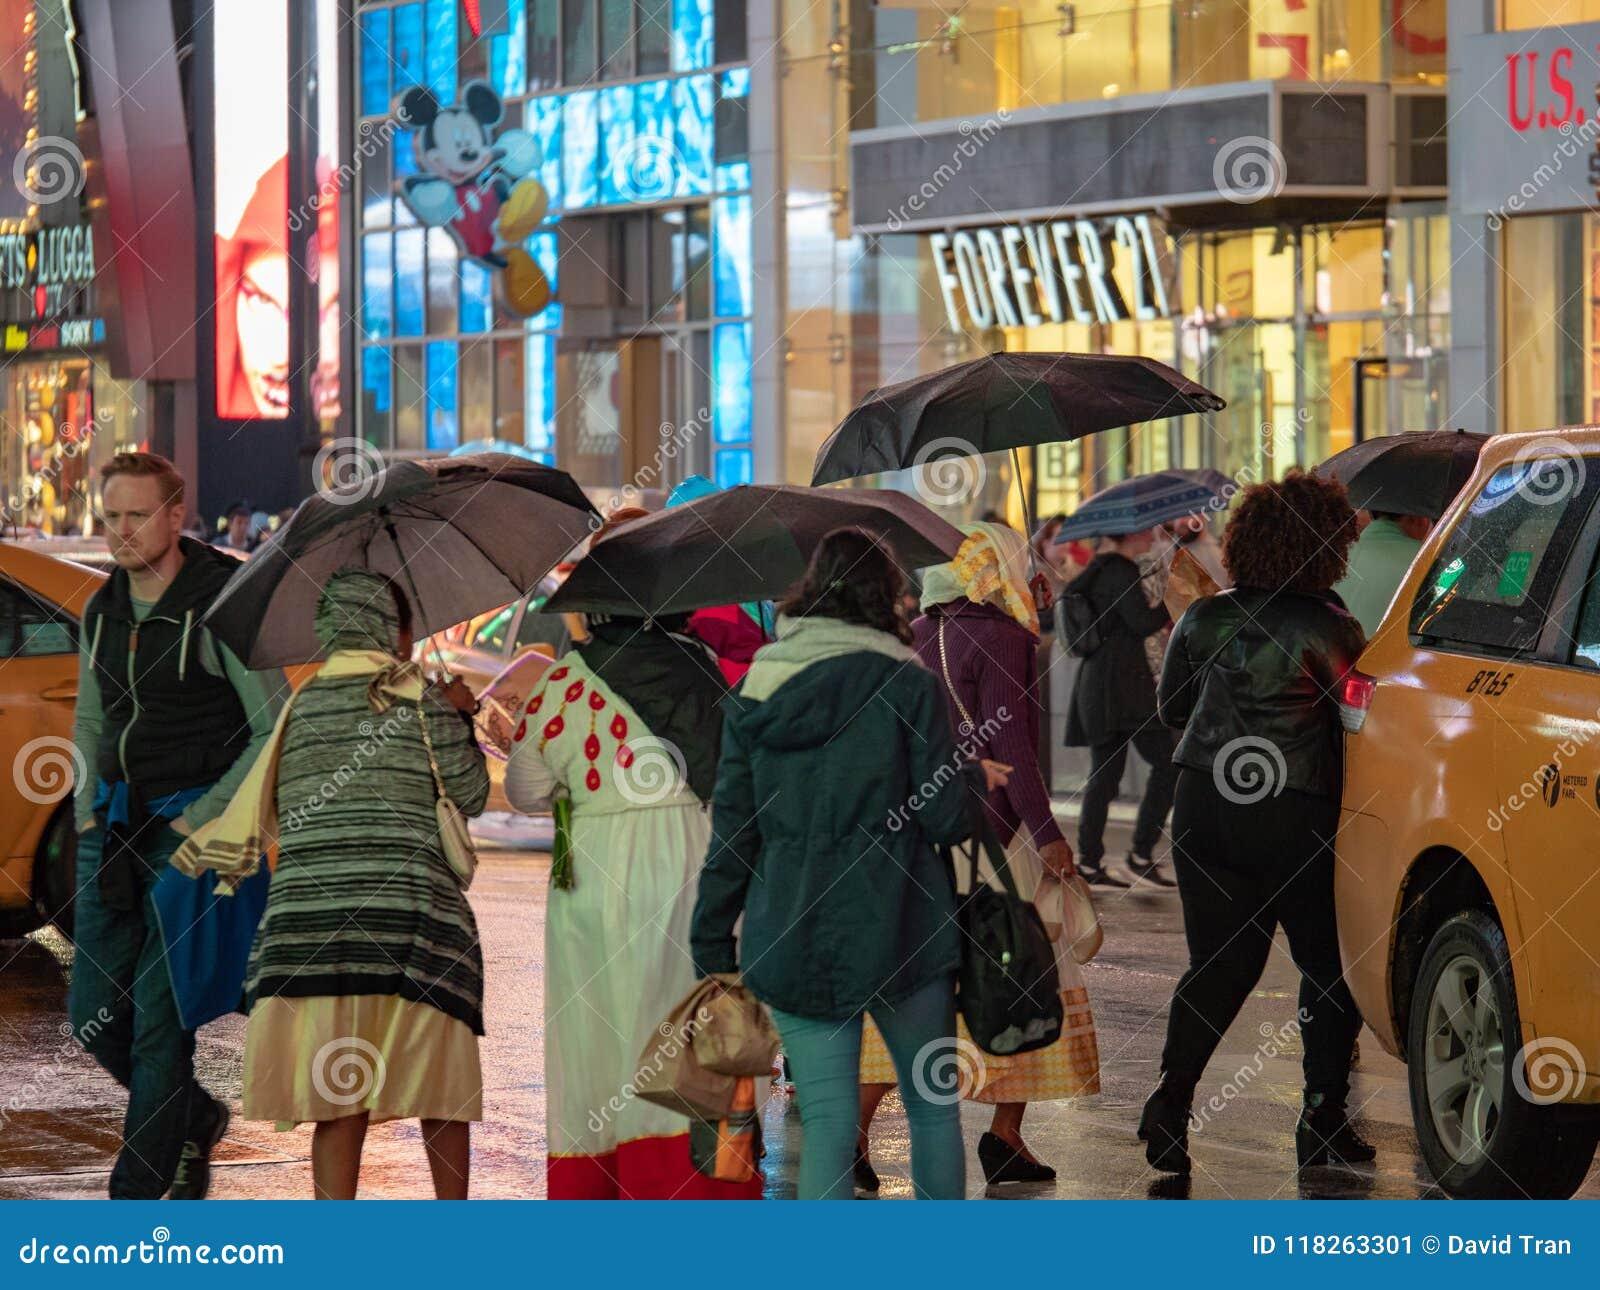 Times Square-Touristen gehen hinter Einzelhandelsgeschäfte auf einem regnerischer Taghol